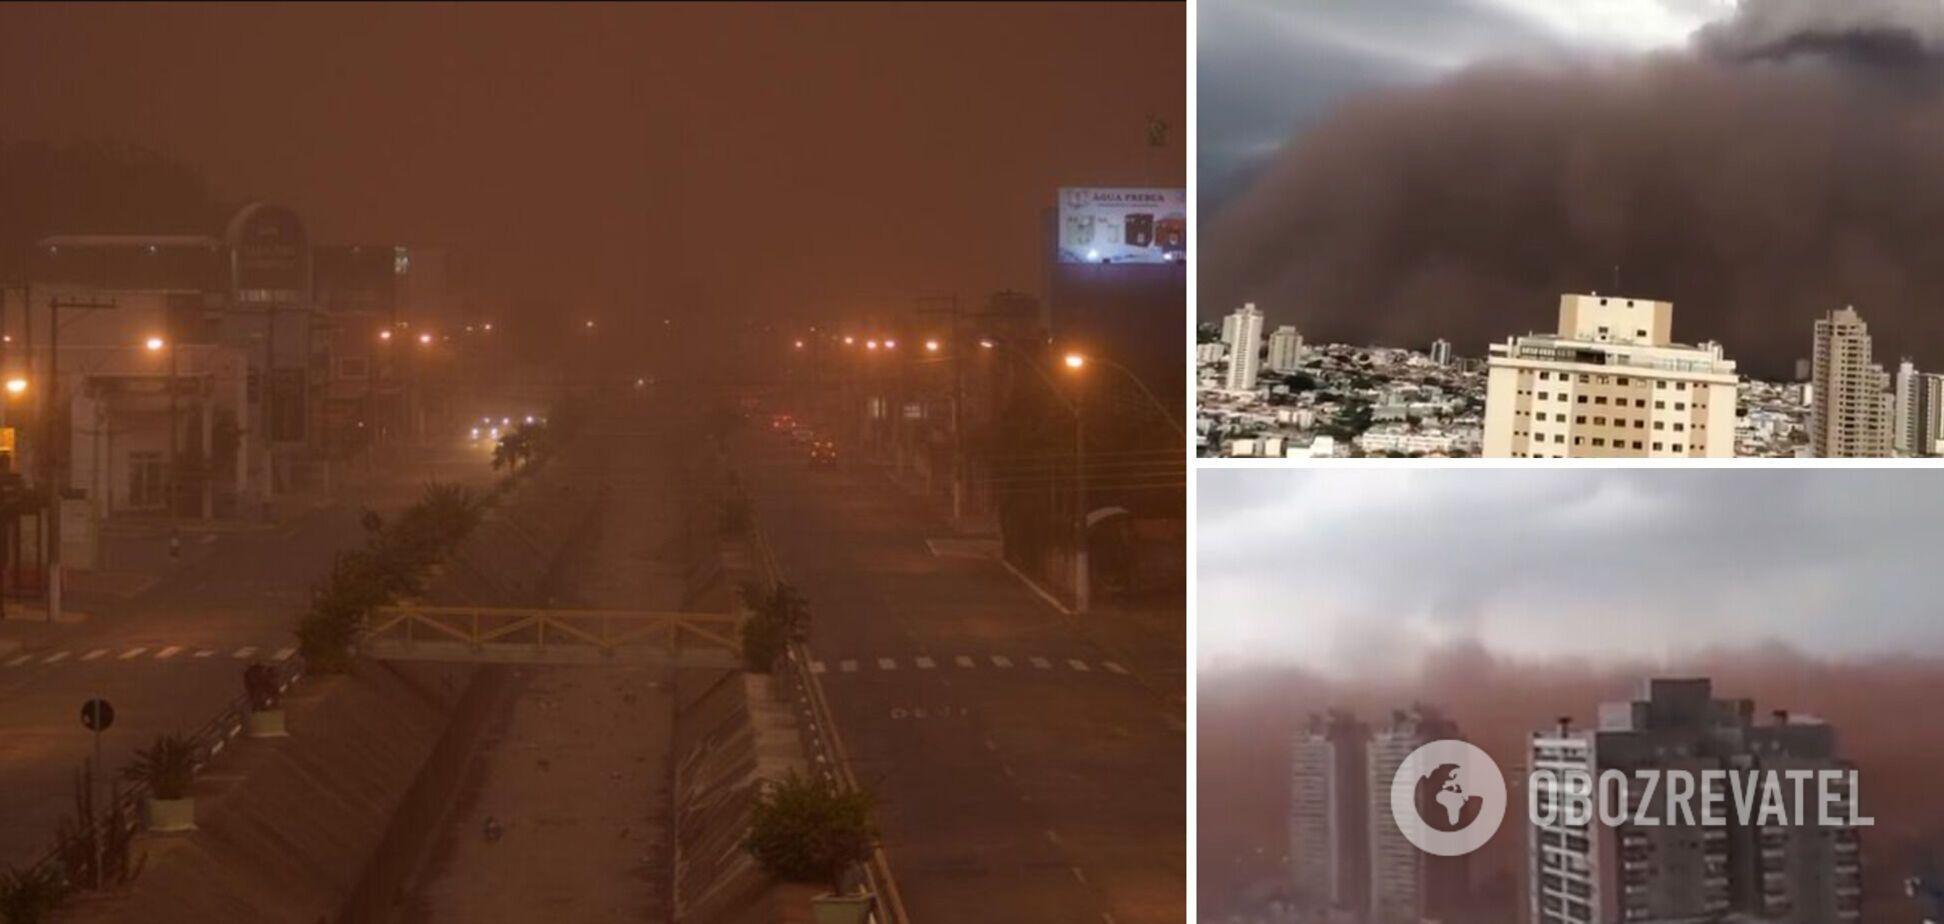 У Бразилії піщана буря поглинула ціле місто. Фото та відео